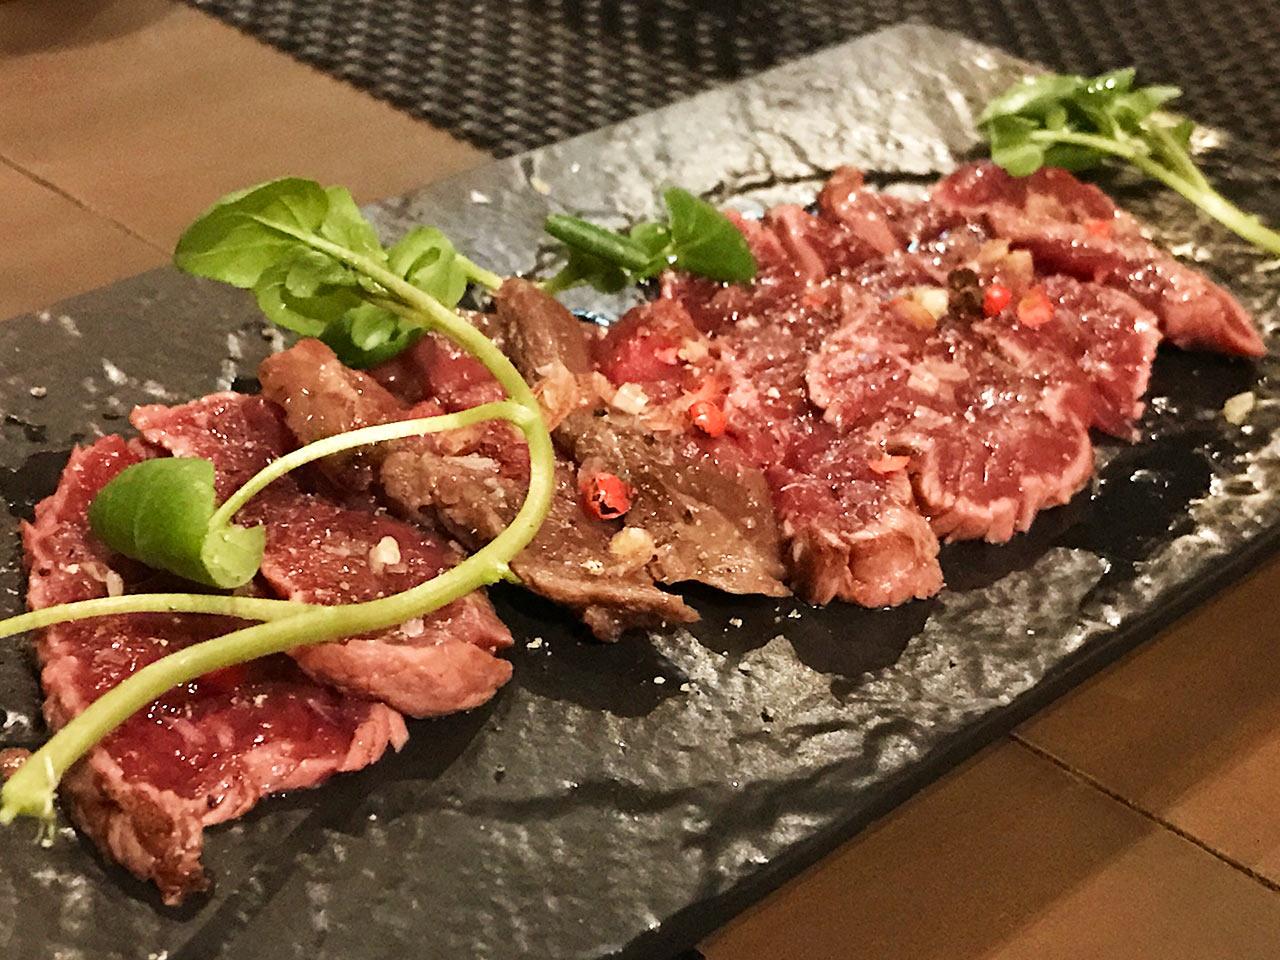 渋谷「ガストロパブ オーガスタス」のダチョウ肉のタタキ